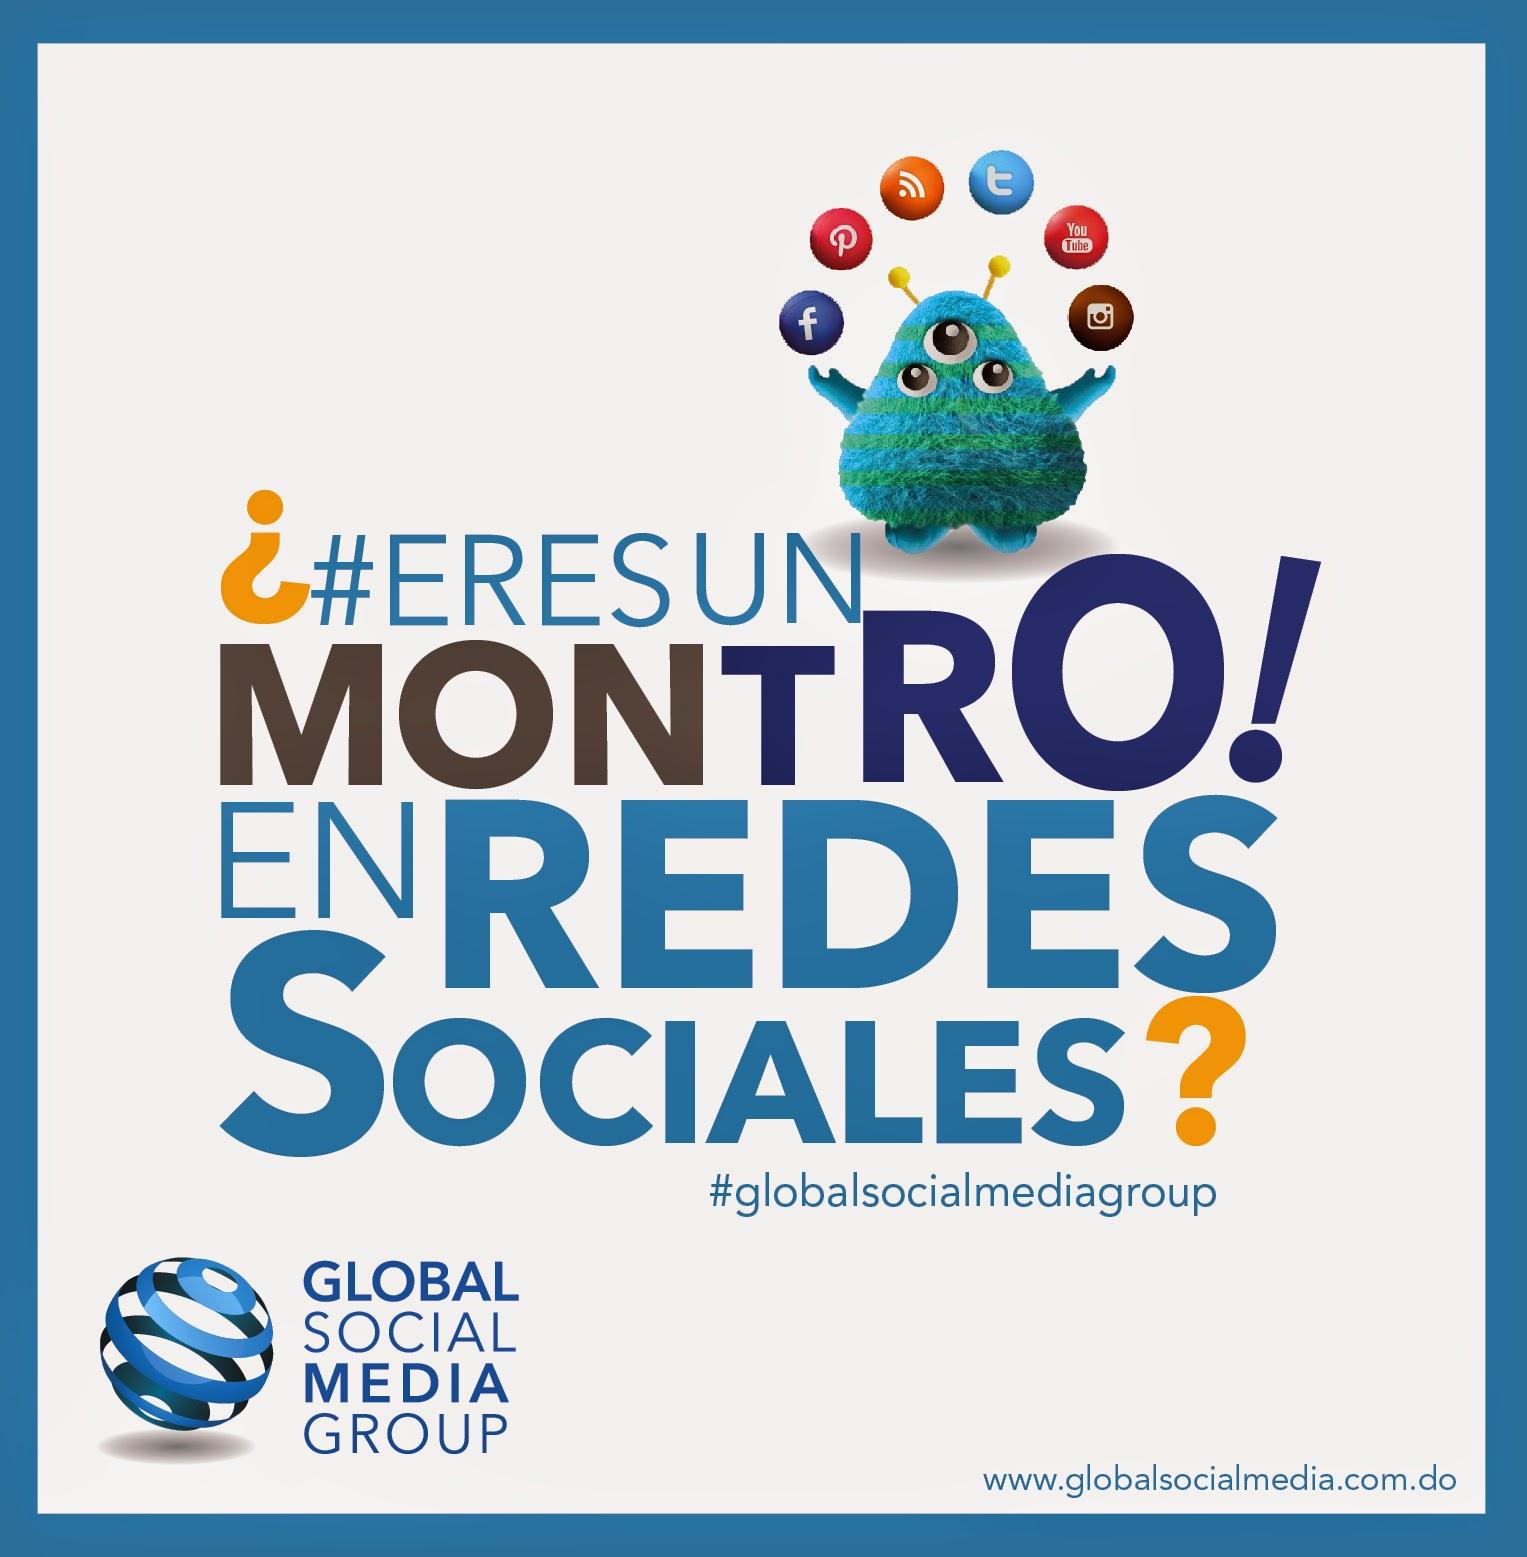 www.globalsocialmedia.com.do